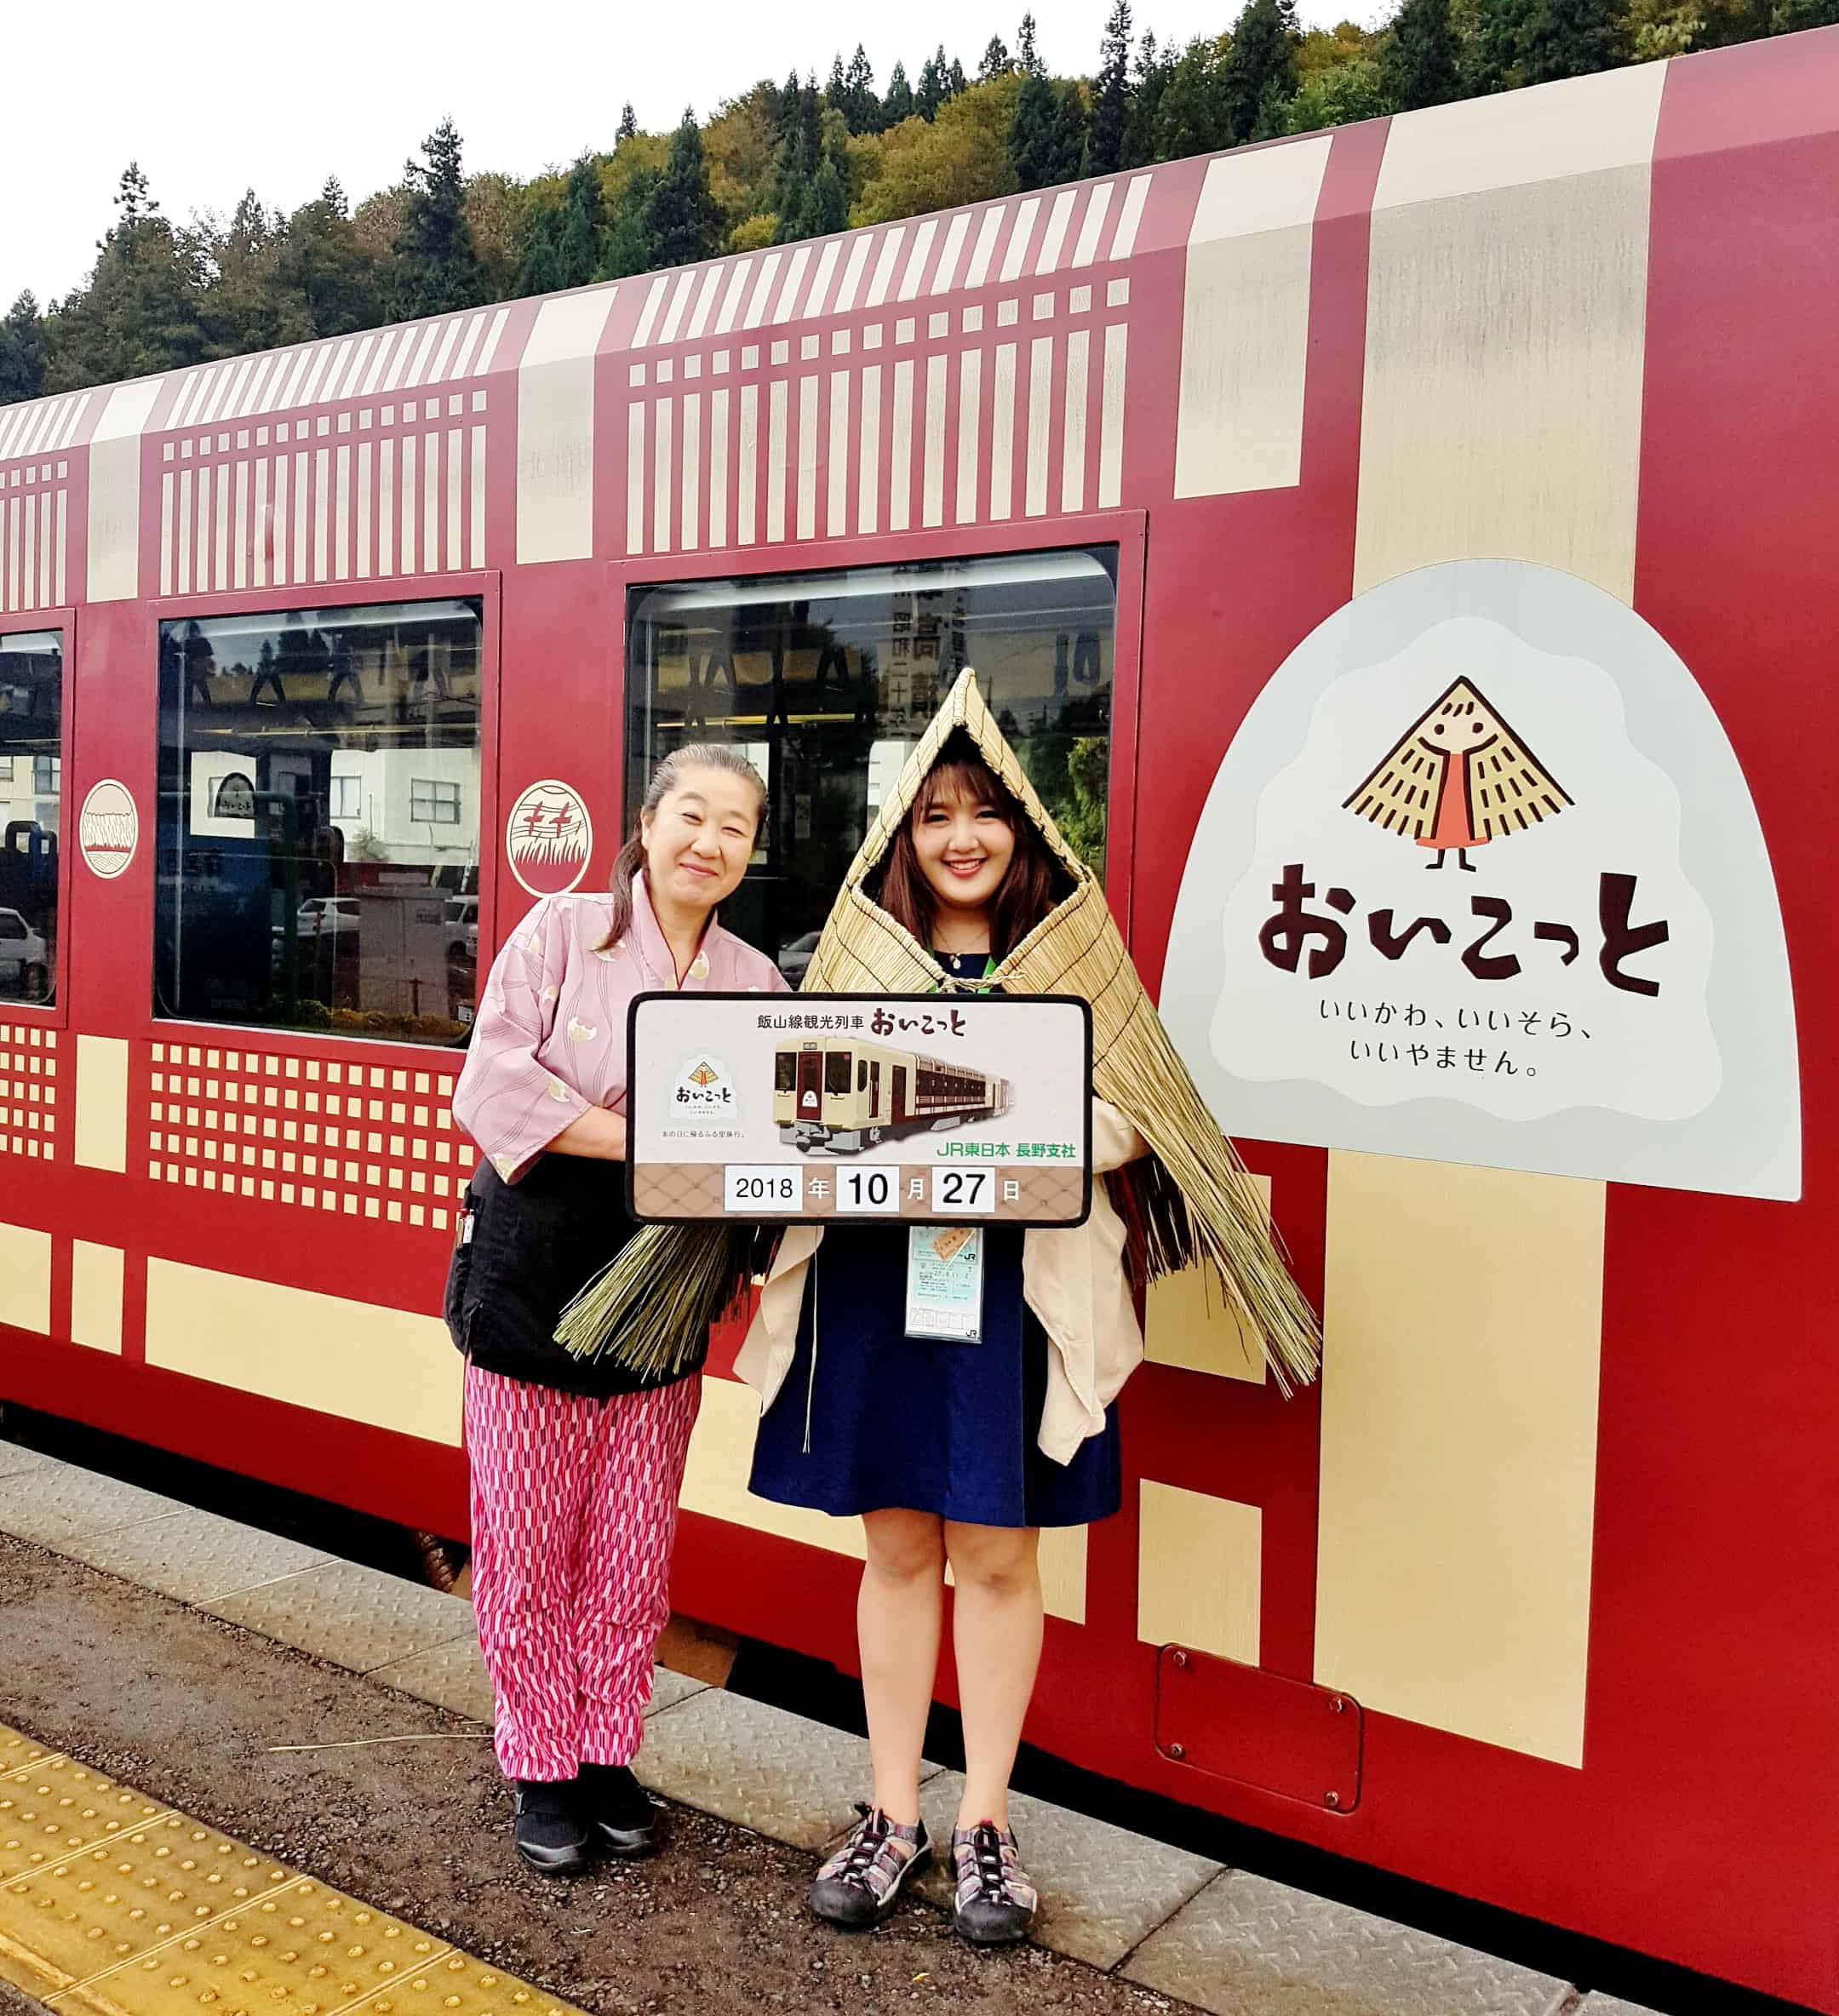 Joyful train Oykot - สวมสึเกะโบชิ (Sugeboshi) ชุดกันฝนที่ทำจากฟางถ่ายรูป